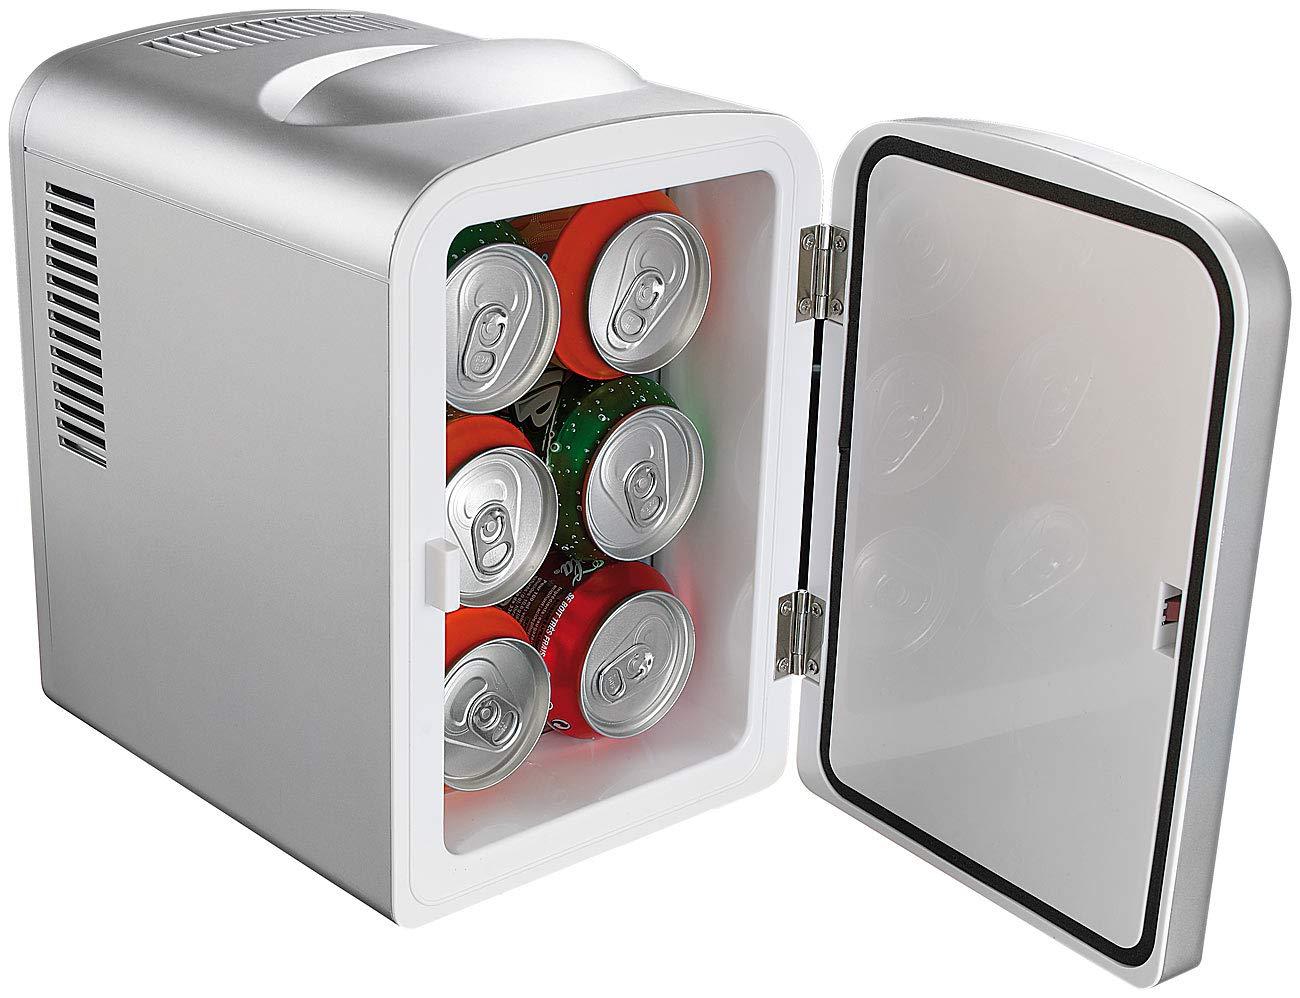 Auto Kühlschrank Mit Akku : Rosenstein & söhne mini kühlschrank 12v: mobiler mini kühlschrank